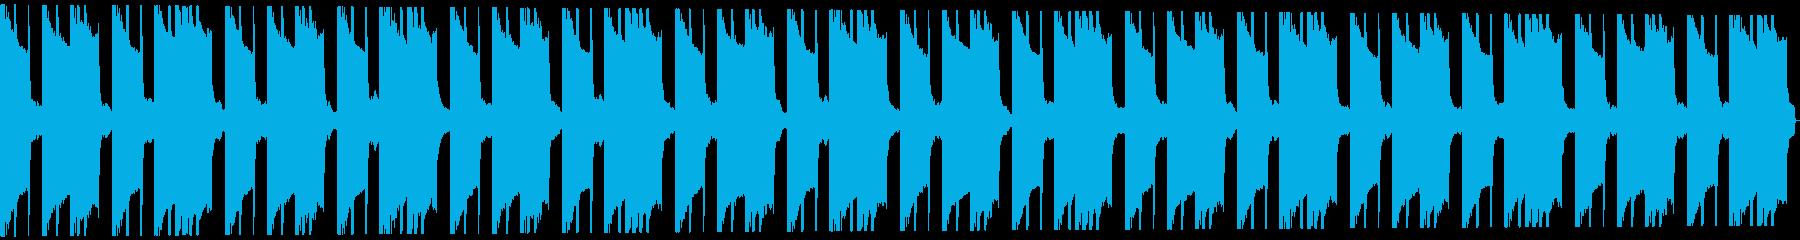 ホラートラップビート16小節の再生済みの波形